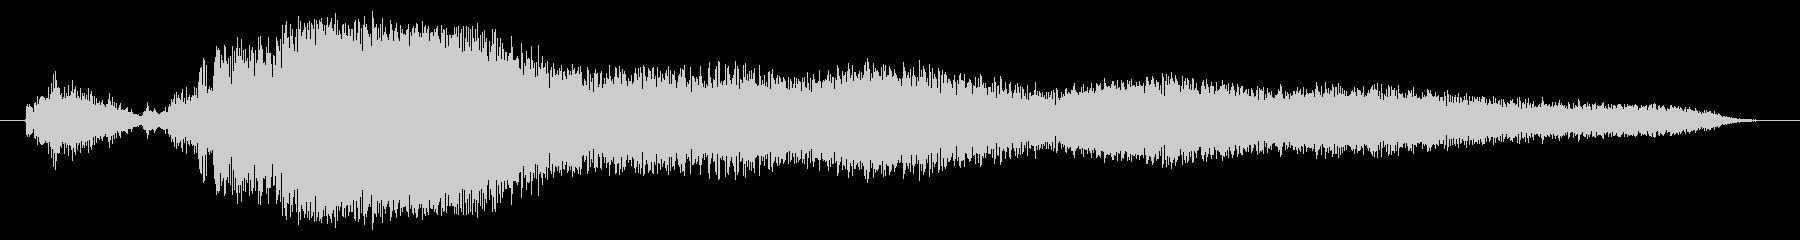 宇宙コンピューター画面テレメトリー...の未再生の波形